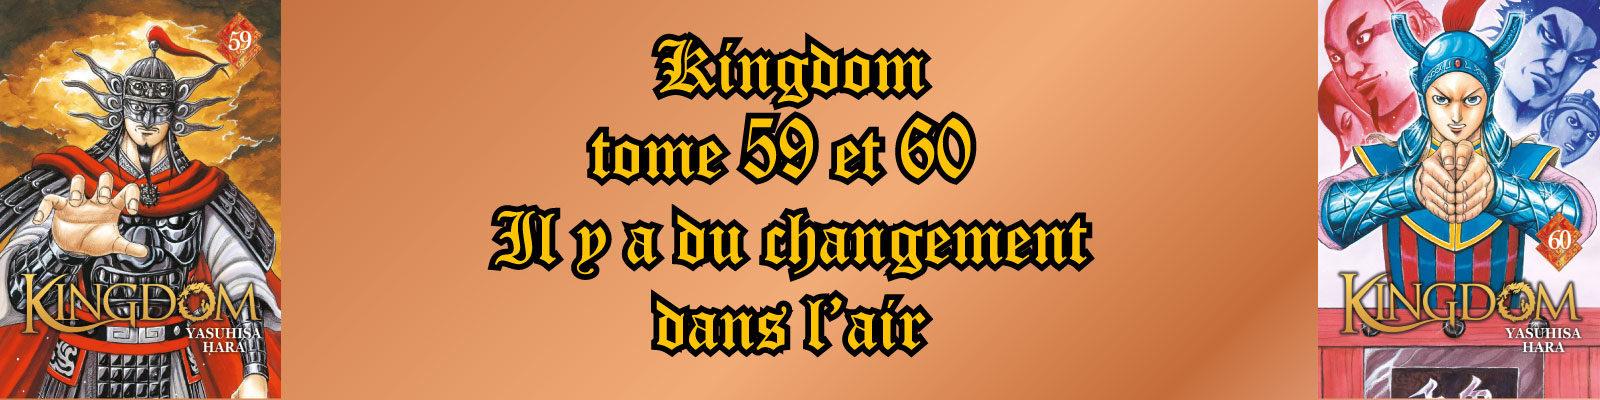 Kingdom-Vol.-59-2